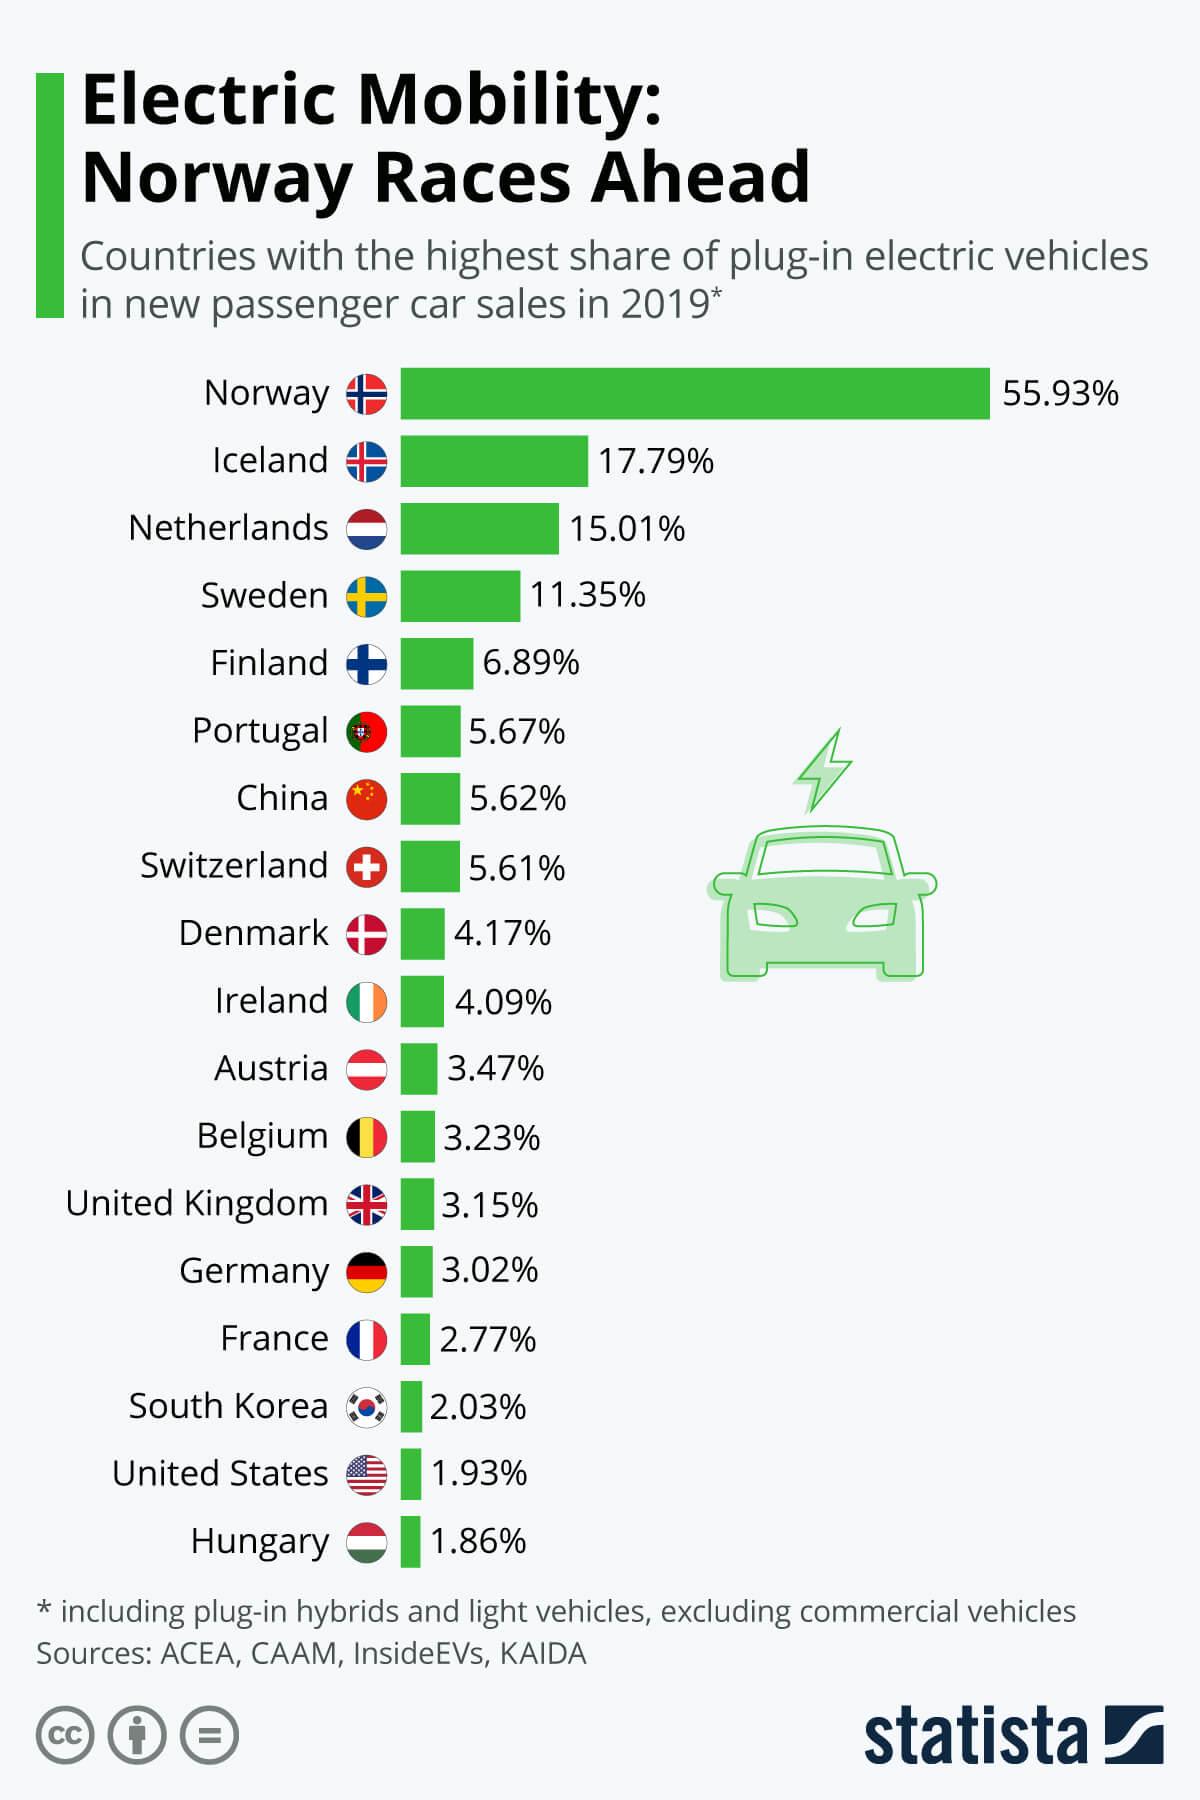 Европейские государства в рейтинге стран с наибольшей долей продаж электромобилей и плагин-гибридов в 2019 году